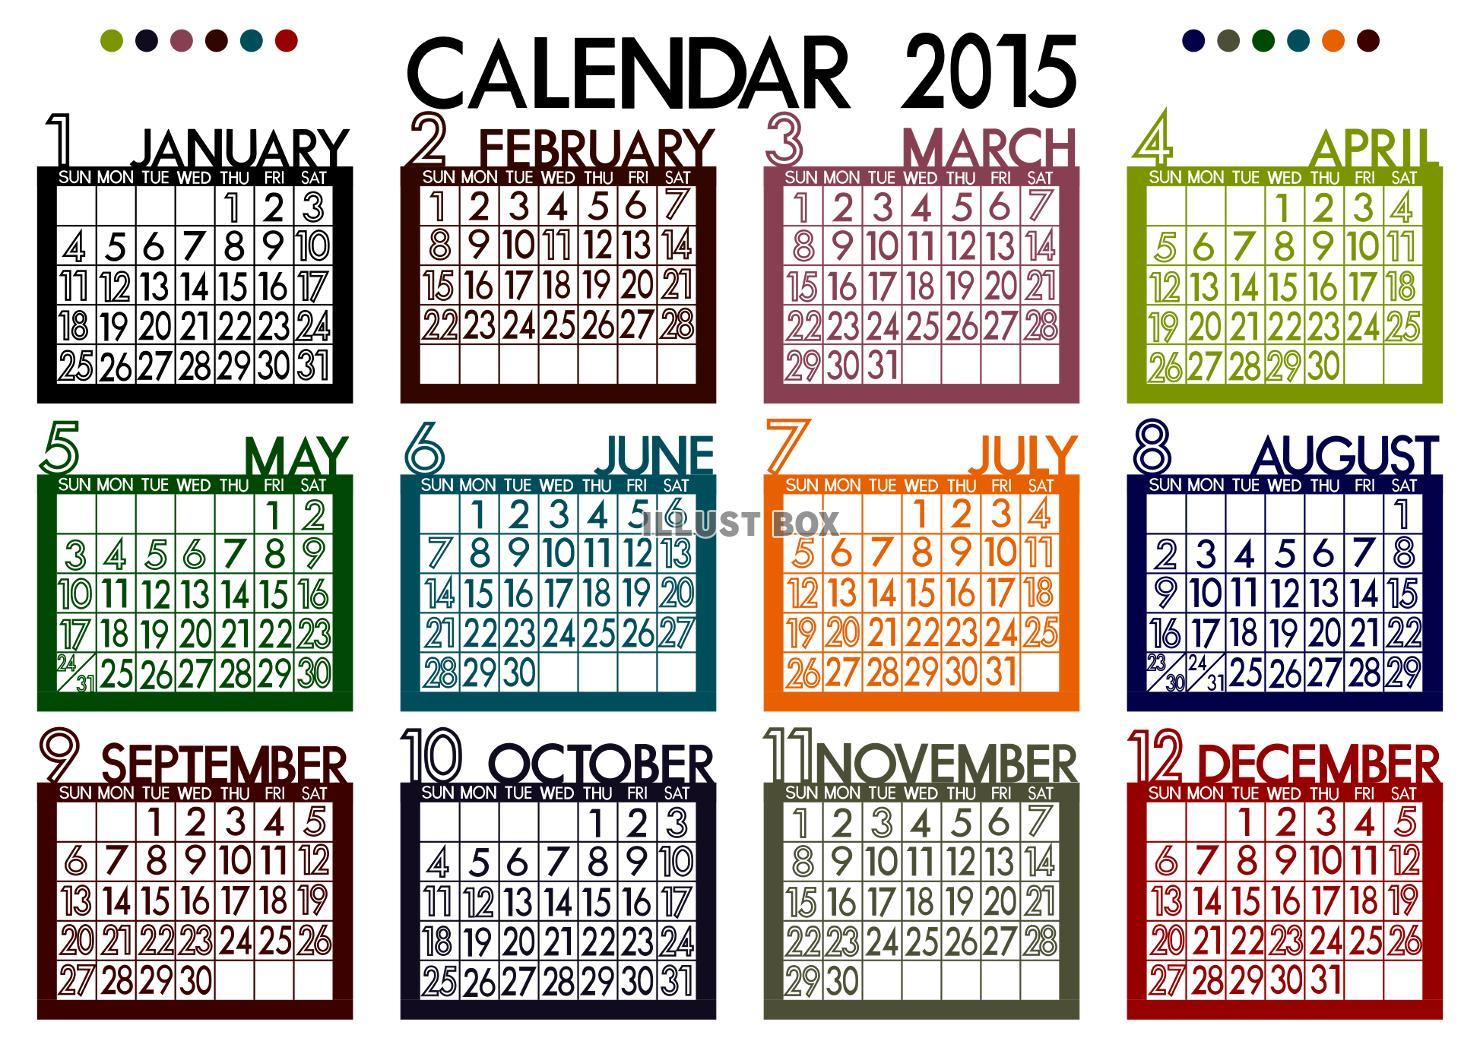 カレンダー 2015年度カレンダーダウンロード : 2015年カレンダーlenfriedオマンコ ...